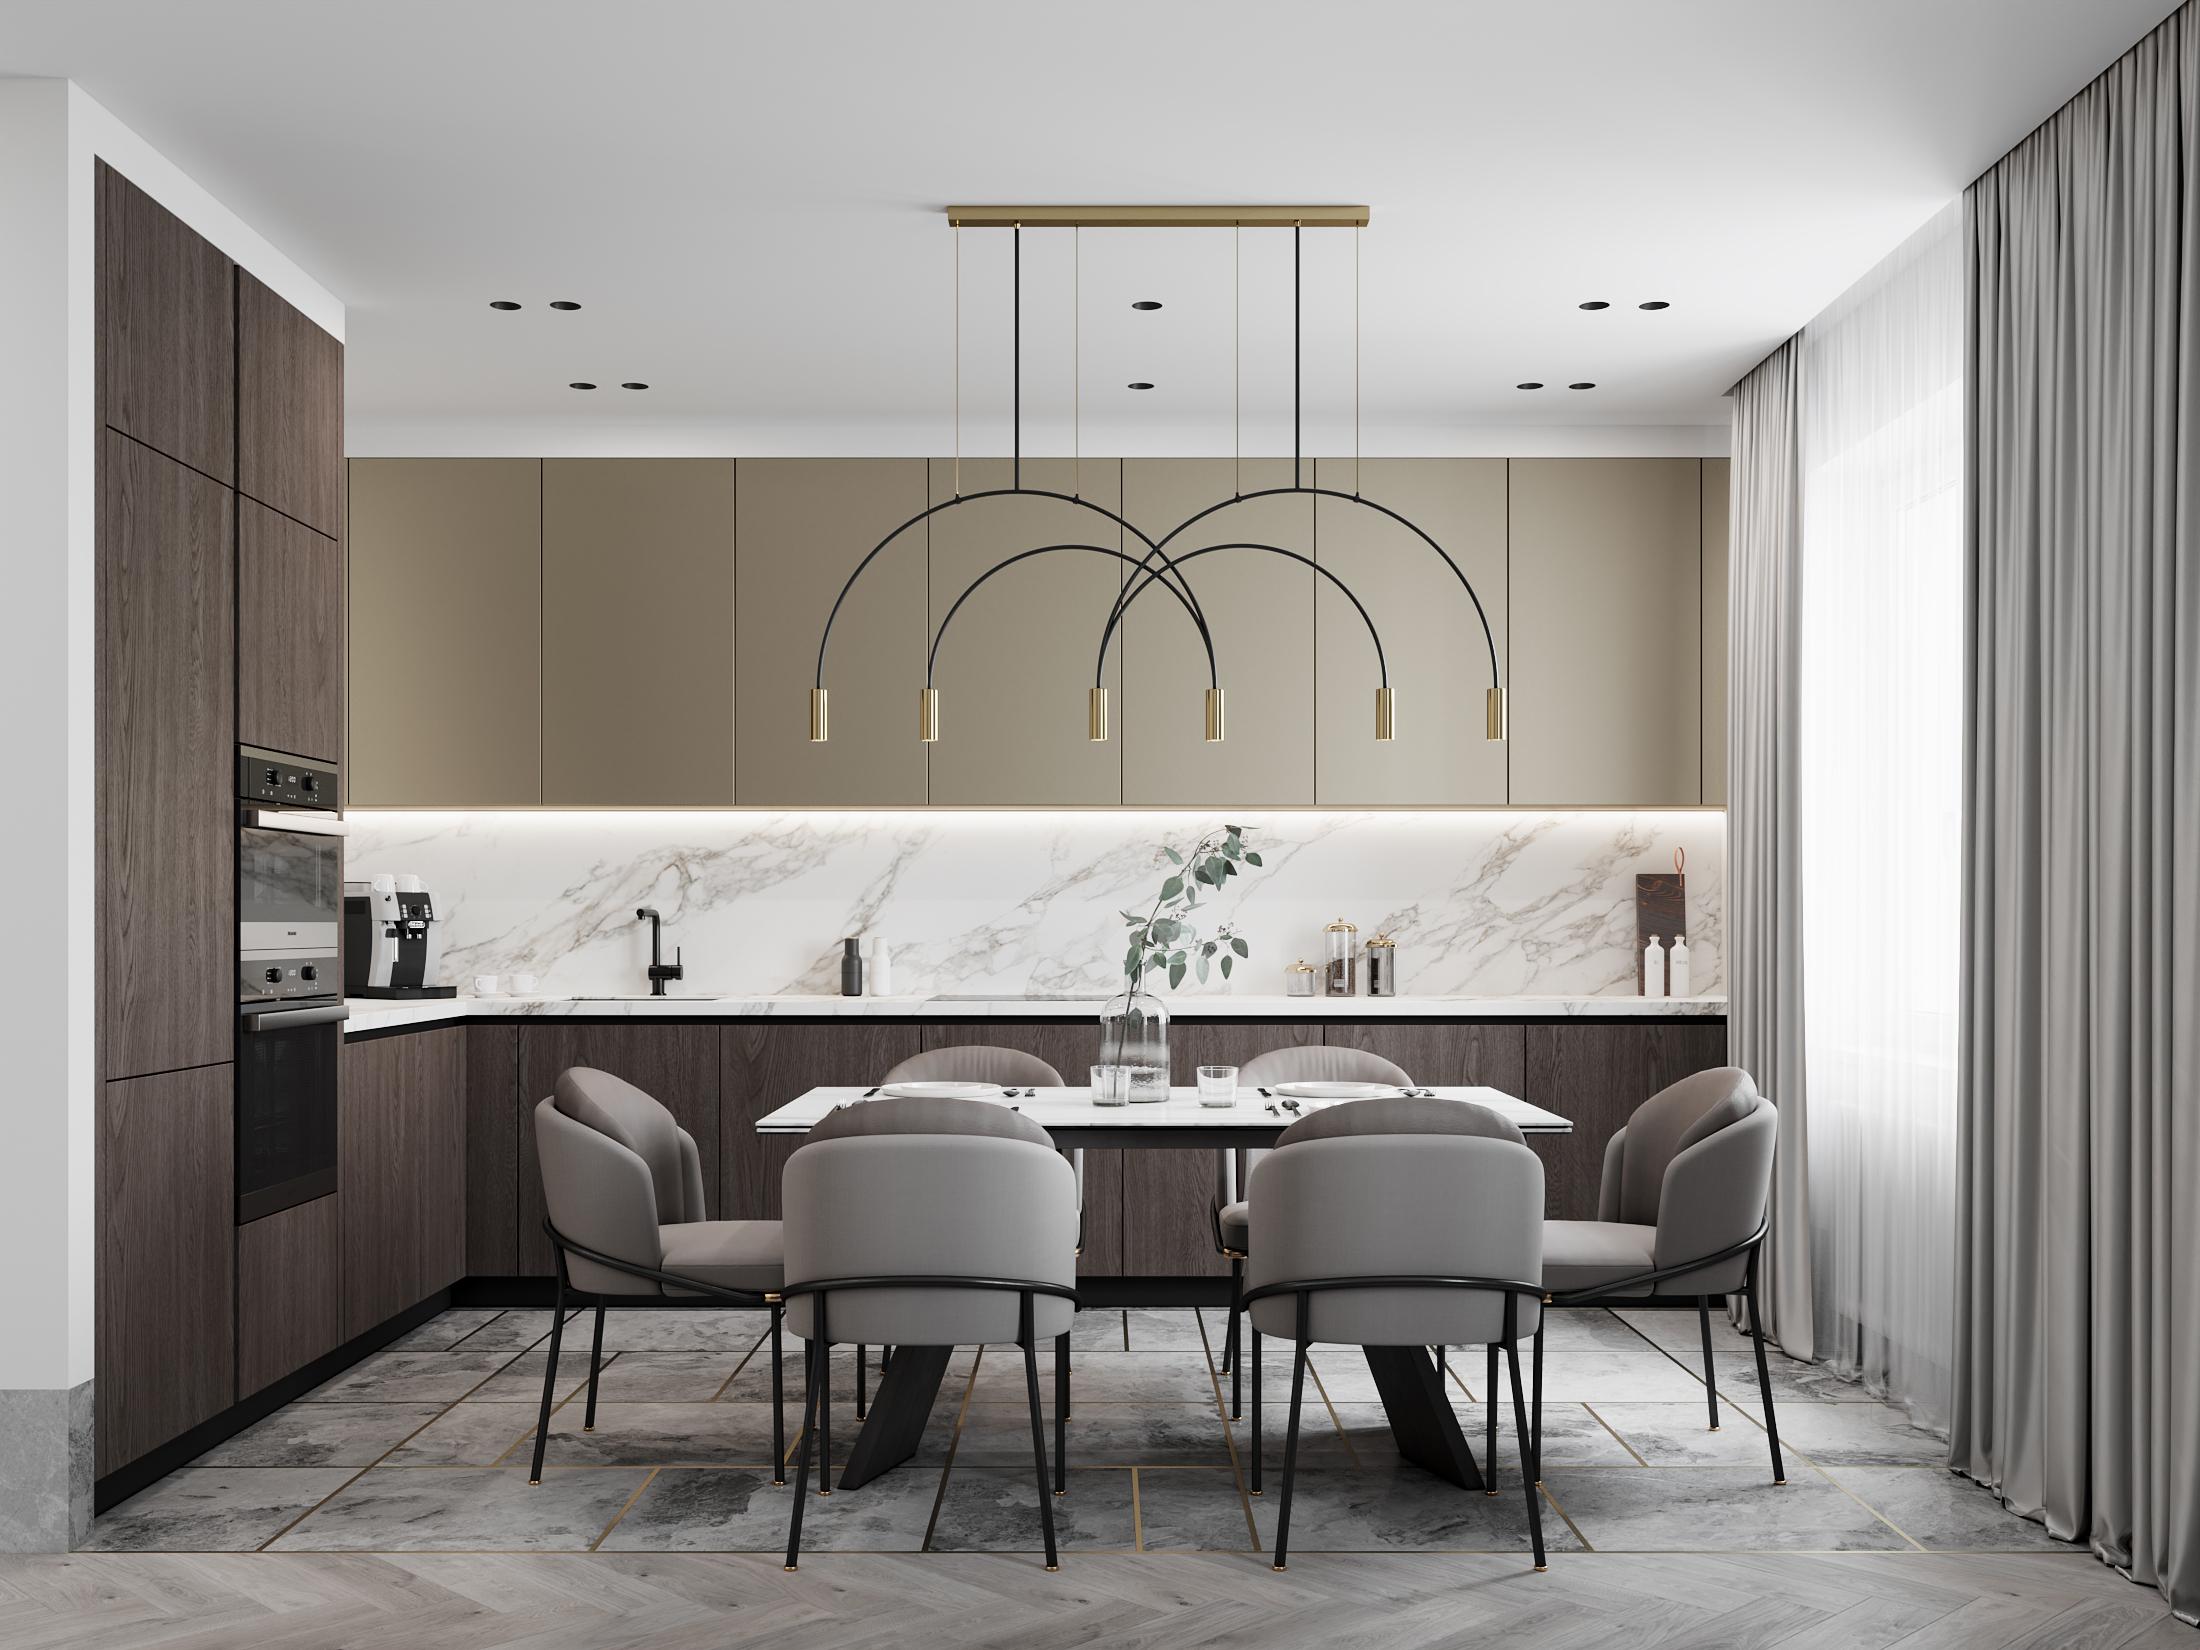 DE & DE Incredible Dining Room Designs By A Top Design Studio_3